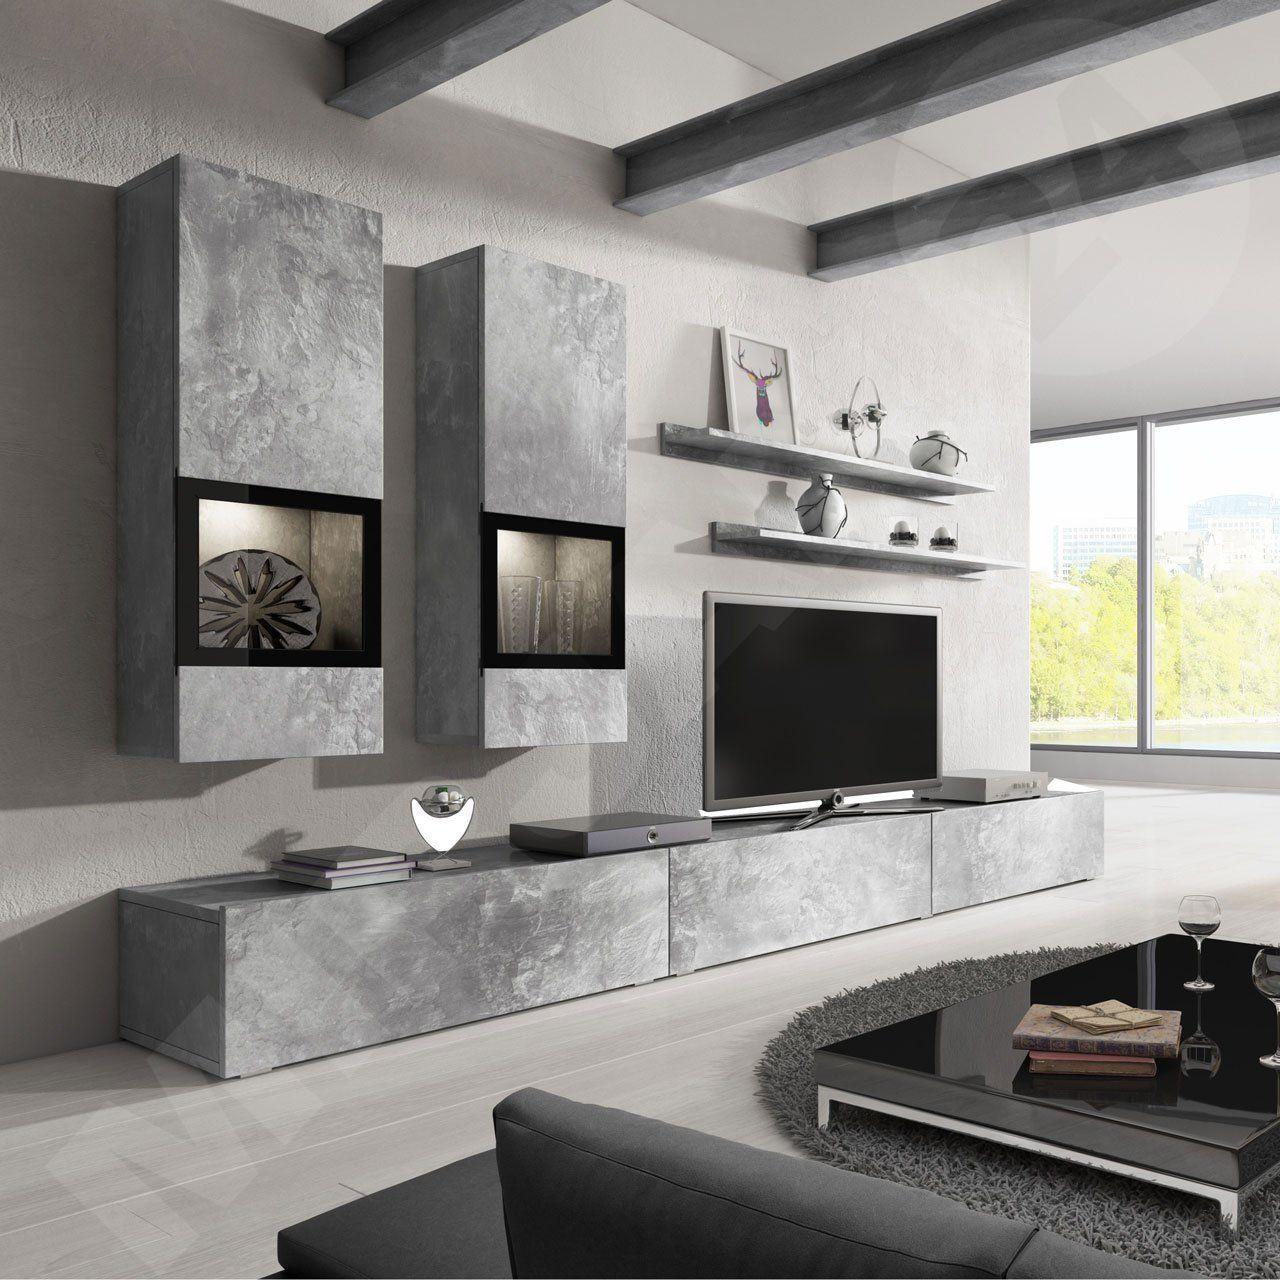 Meuble Tv Modulable Design Meuble Tv Design Laque Pas Cher Meuble Tv Kitea Maroc Meuble De Tv Walm Meuble Tv Moderne Meuble Tv Design Meuble Tv Modulable